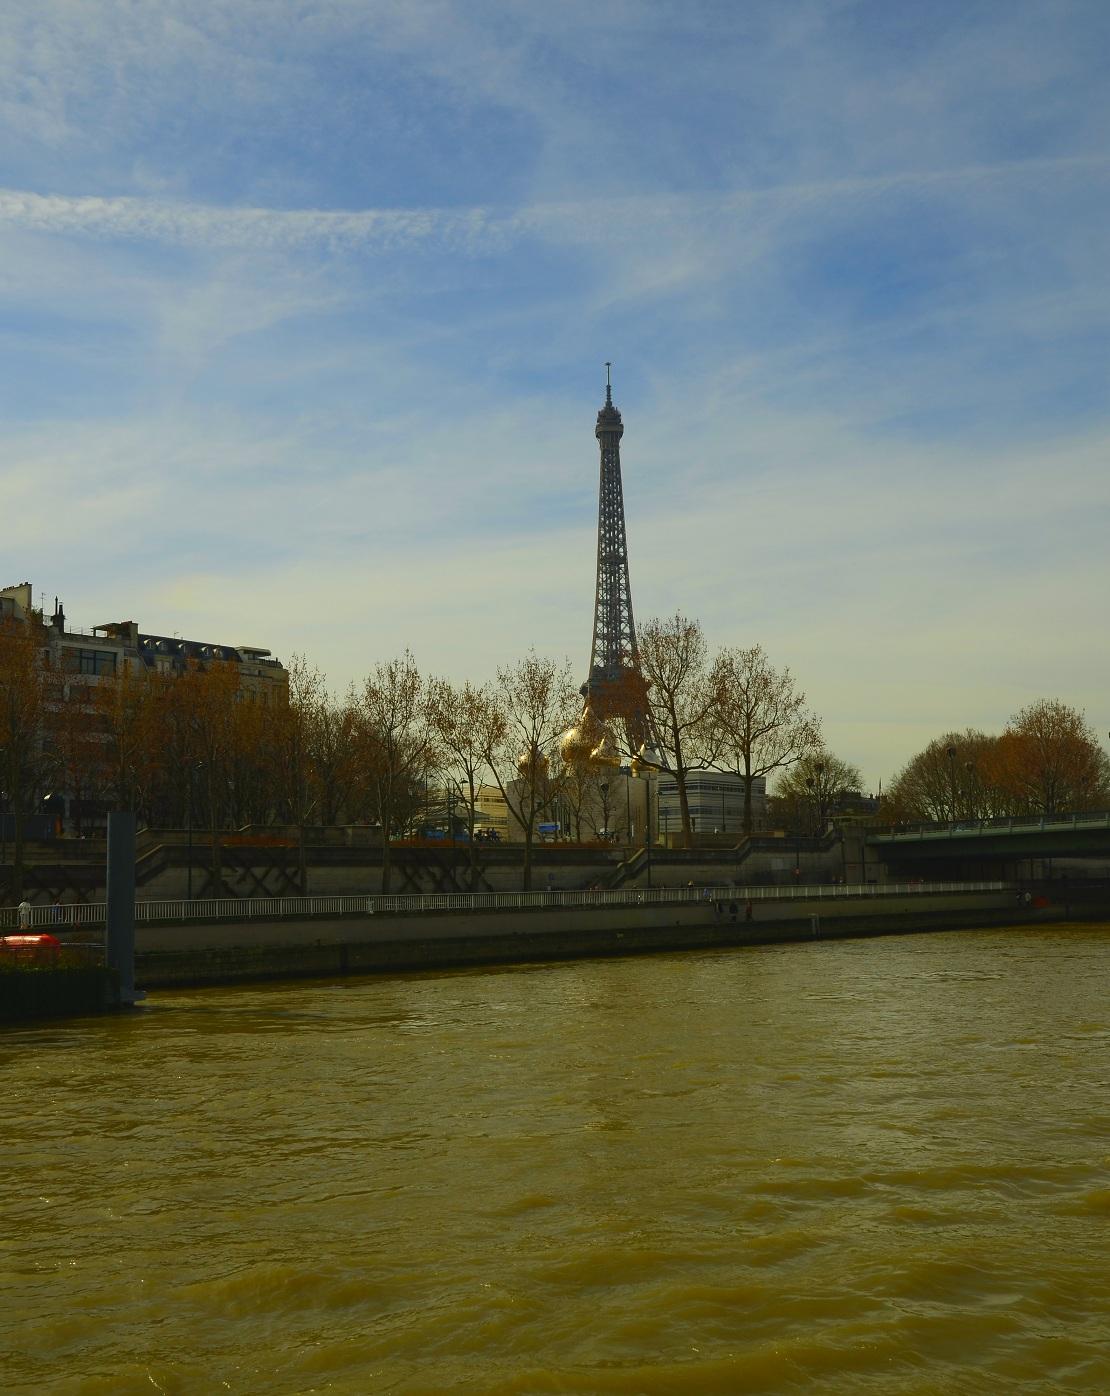 蓝桥摄影作品:塞纳河